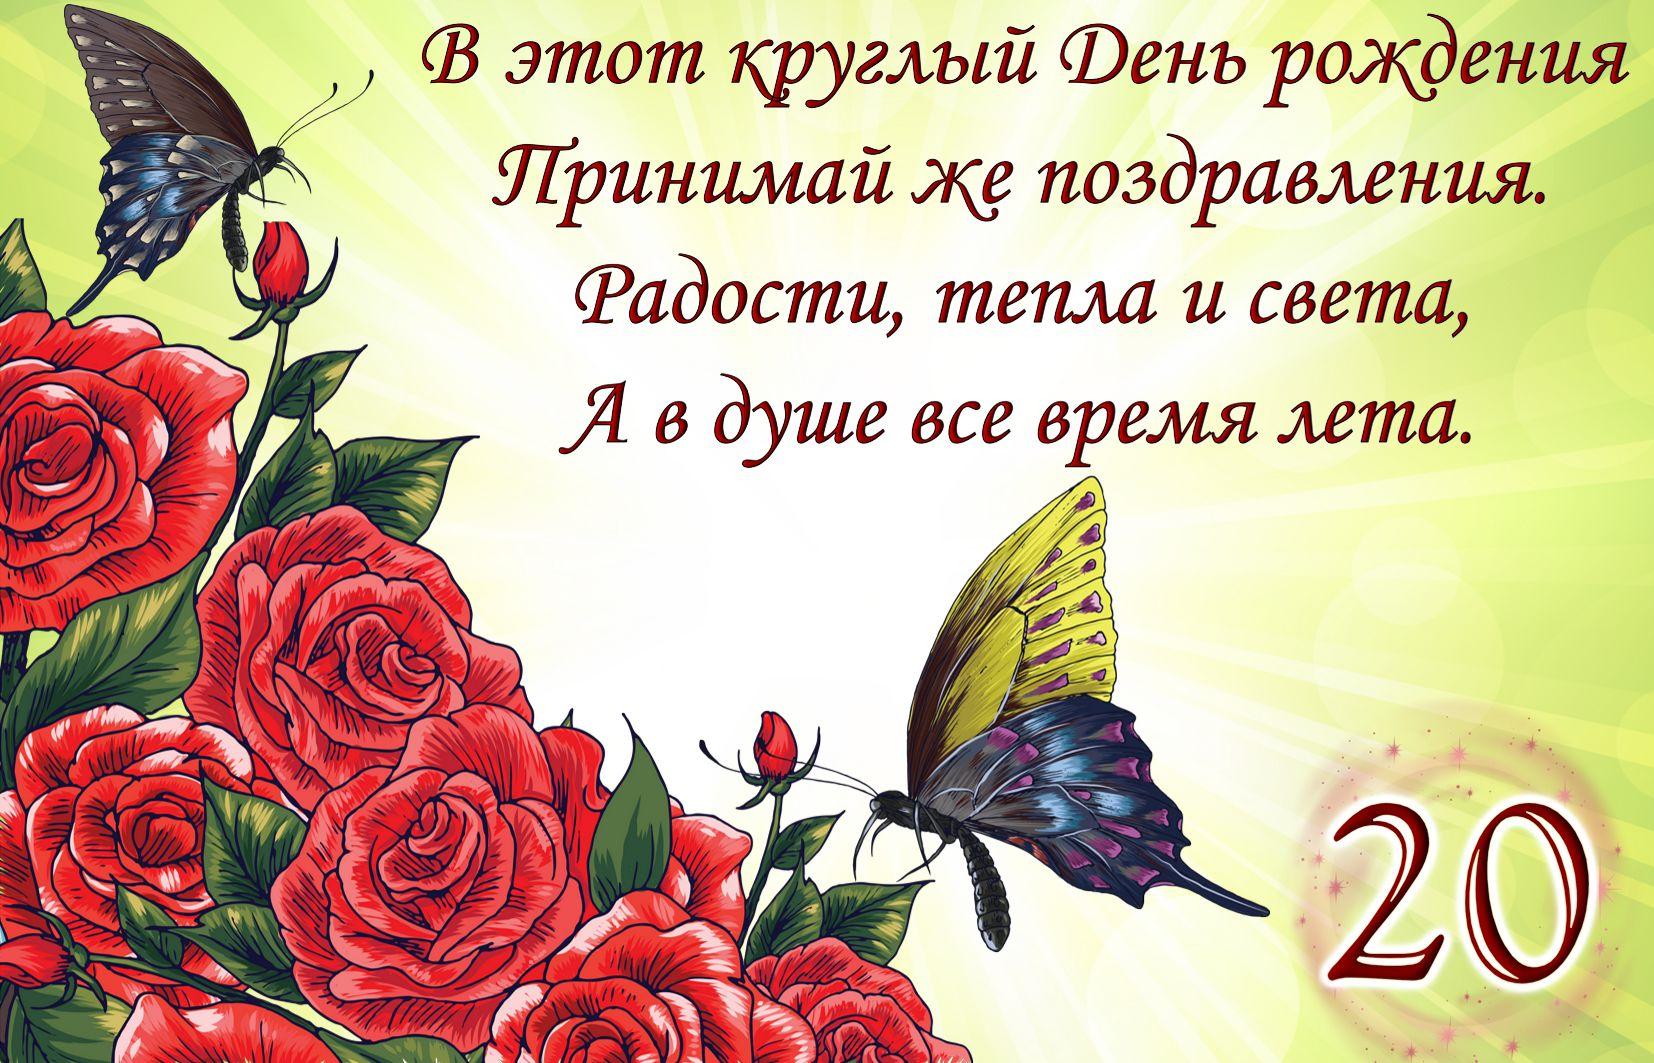 Открытка на юбилей 20 лет - бабочки на розах и пожелание